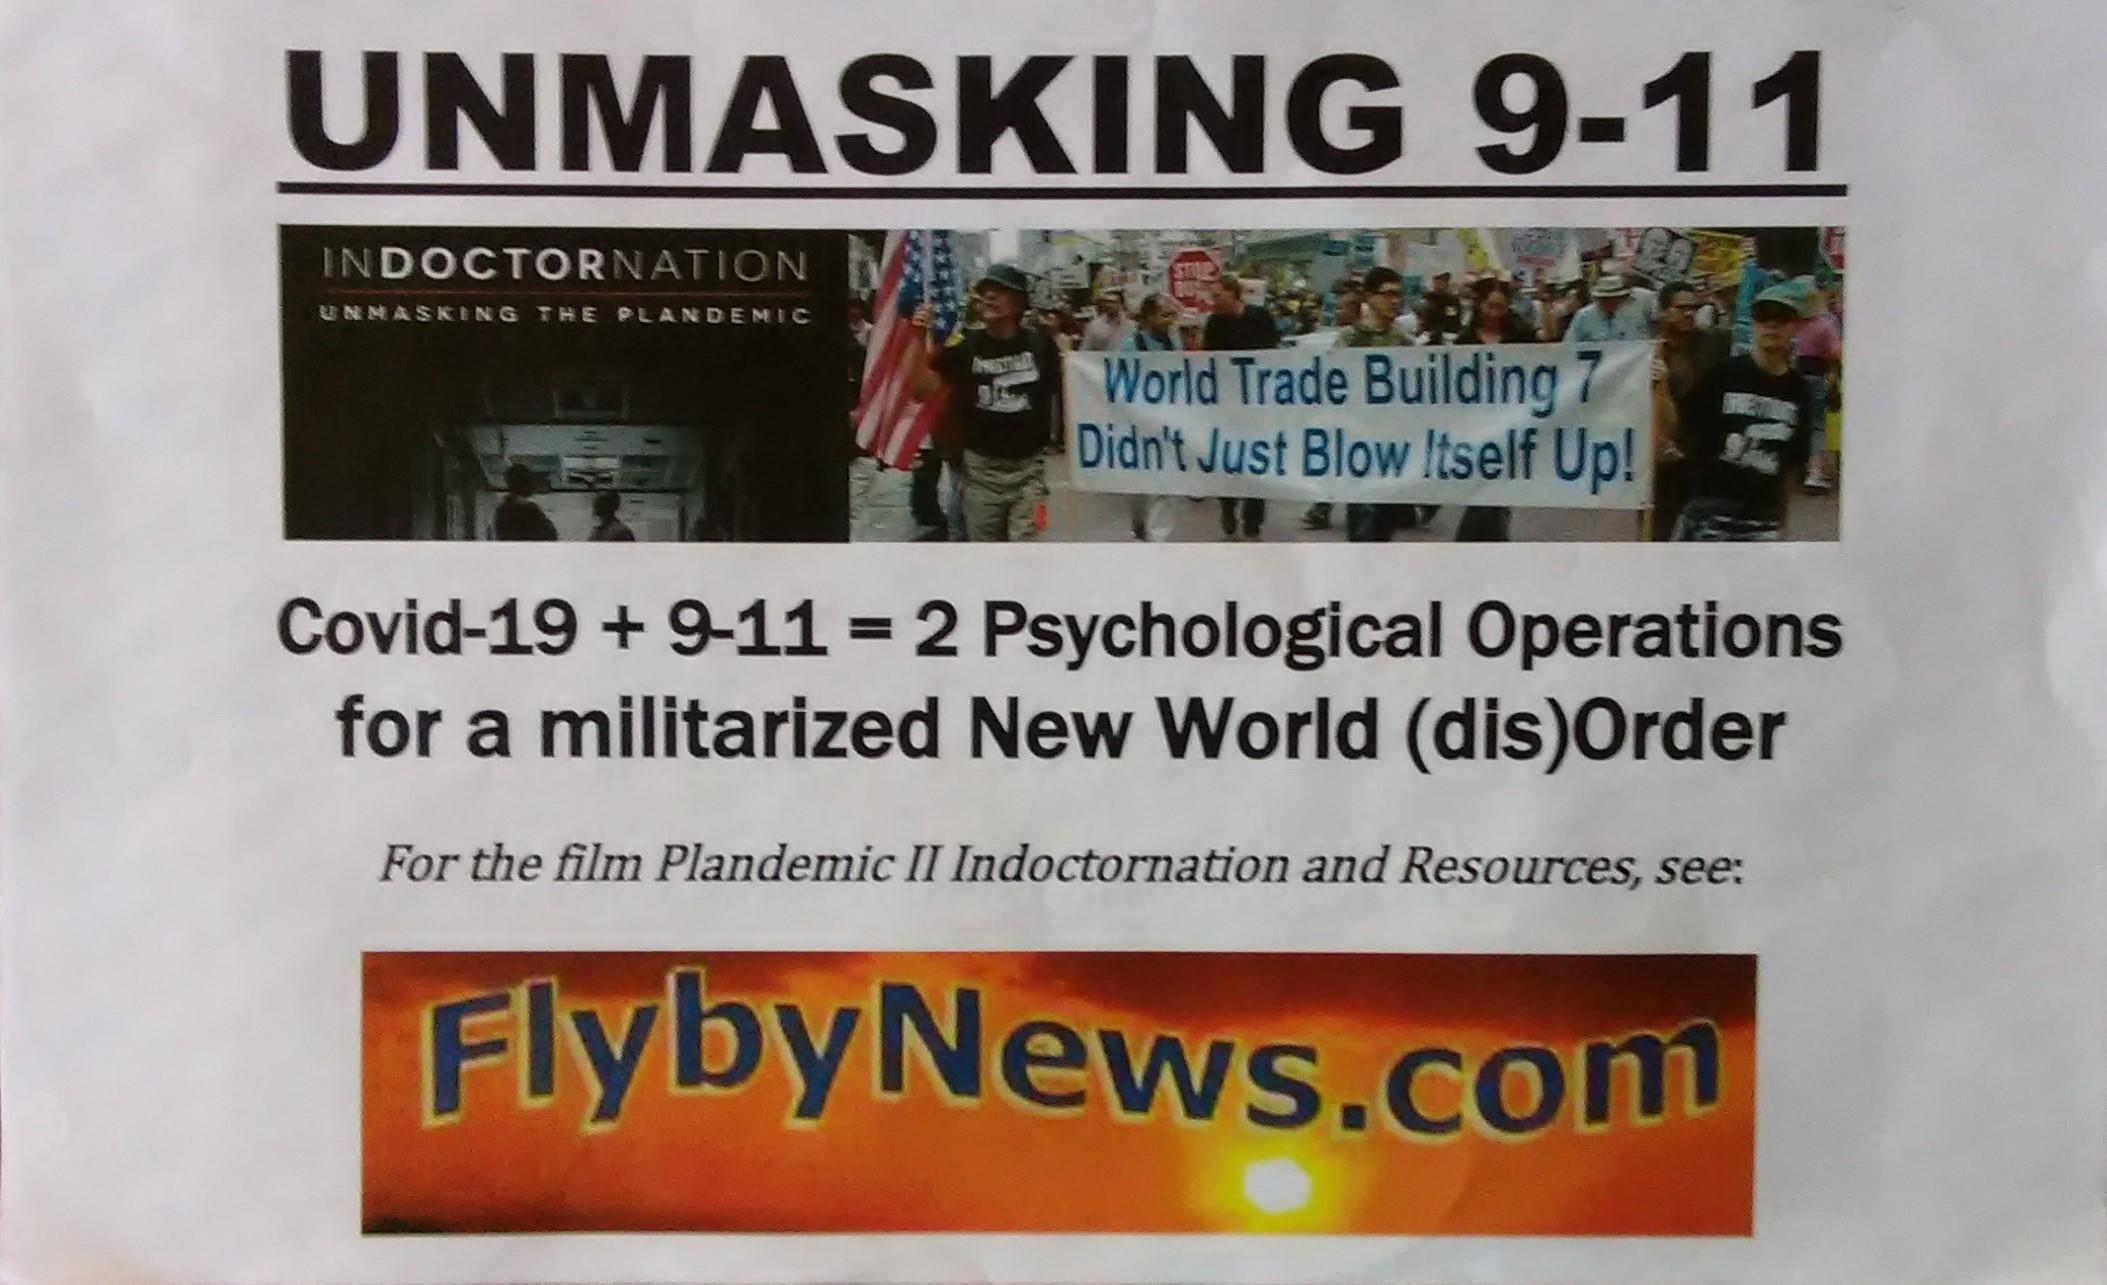 9-11 & Covid-19 Psy-Op